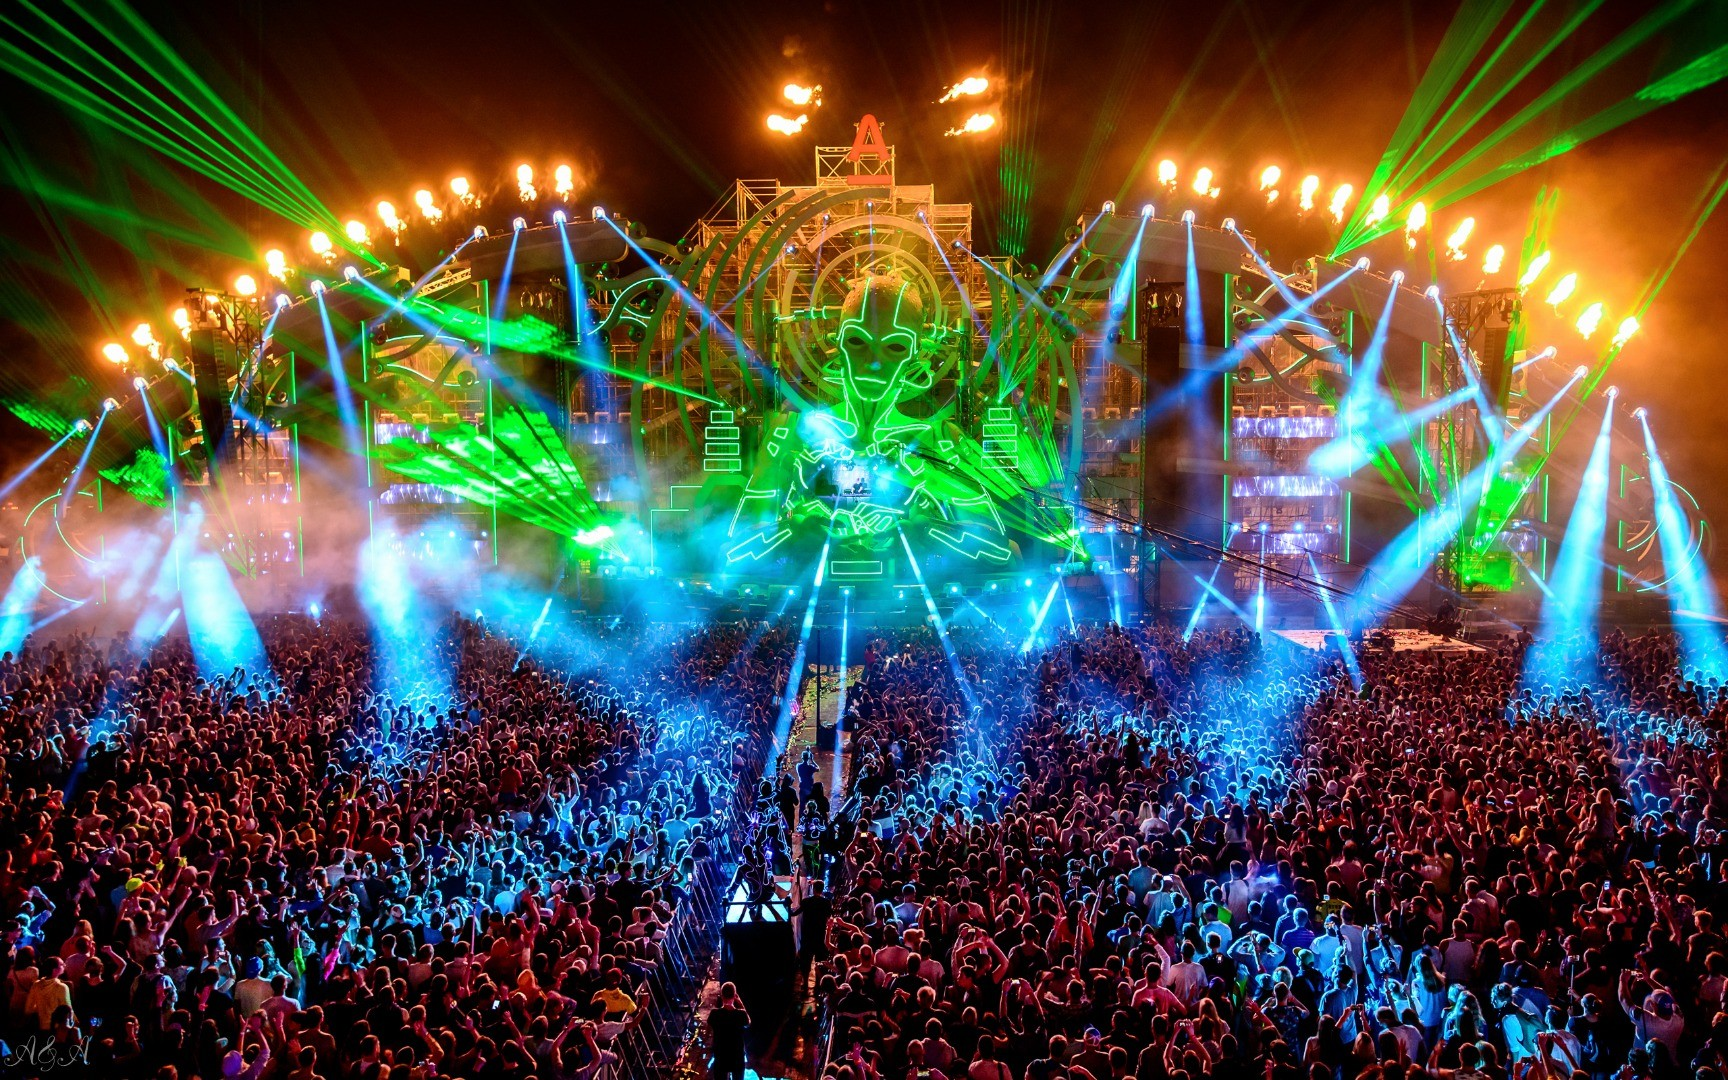 Намузыкальном фестивале вМельбурне 22 человека отравились наркотиками